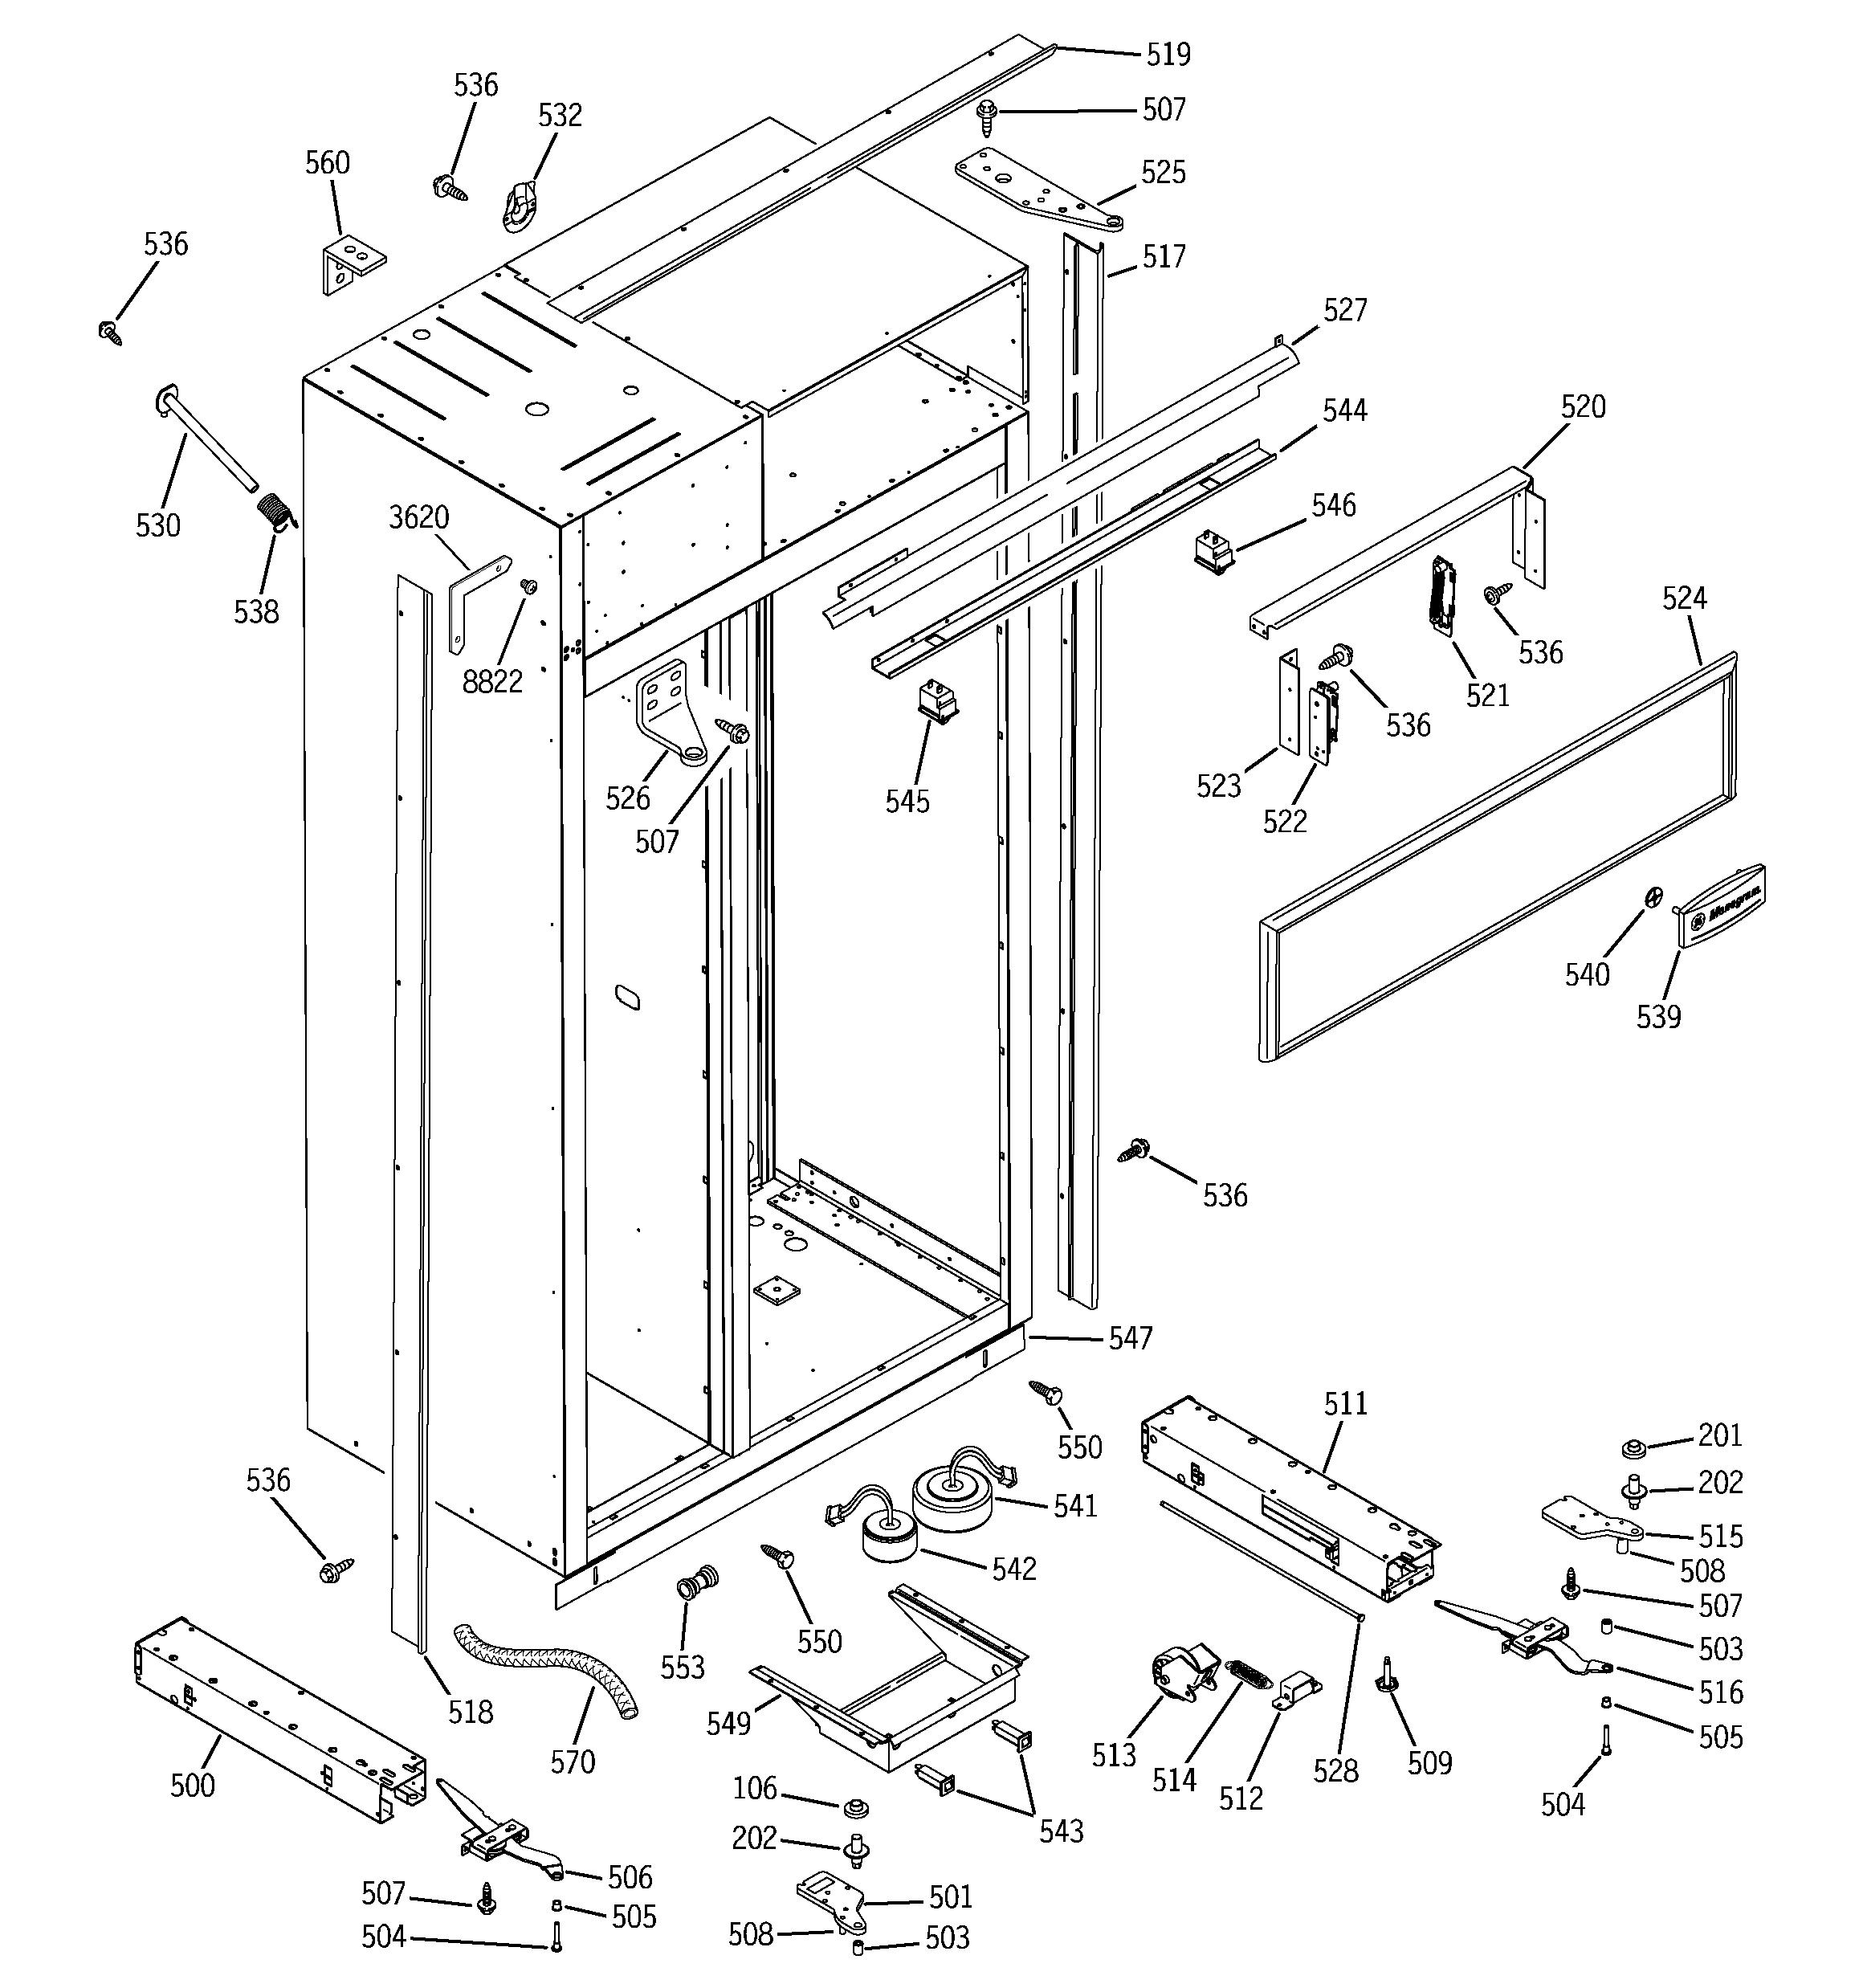 1948 Ge Refrigerator Schematic - Today Wiring Diagram - Ge Dryer Wiring Diagram